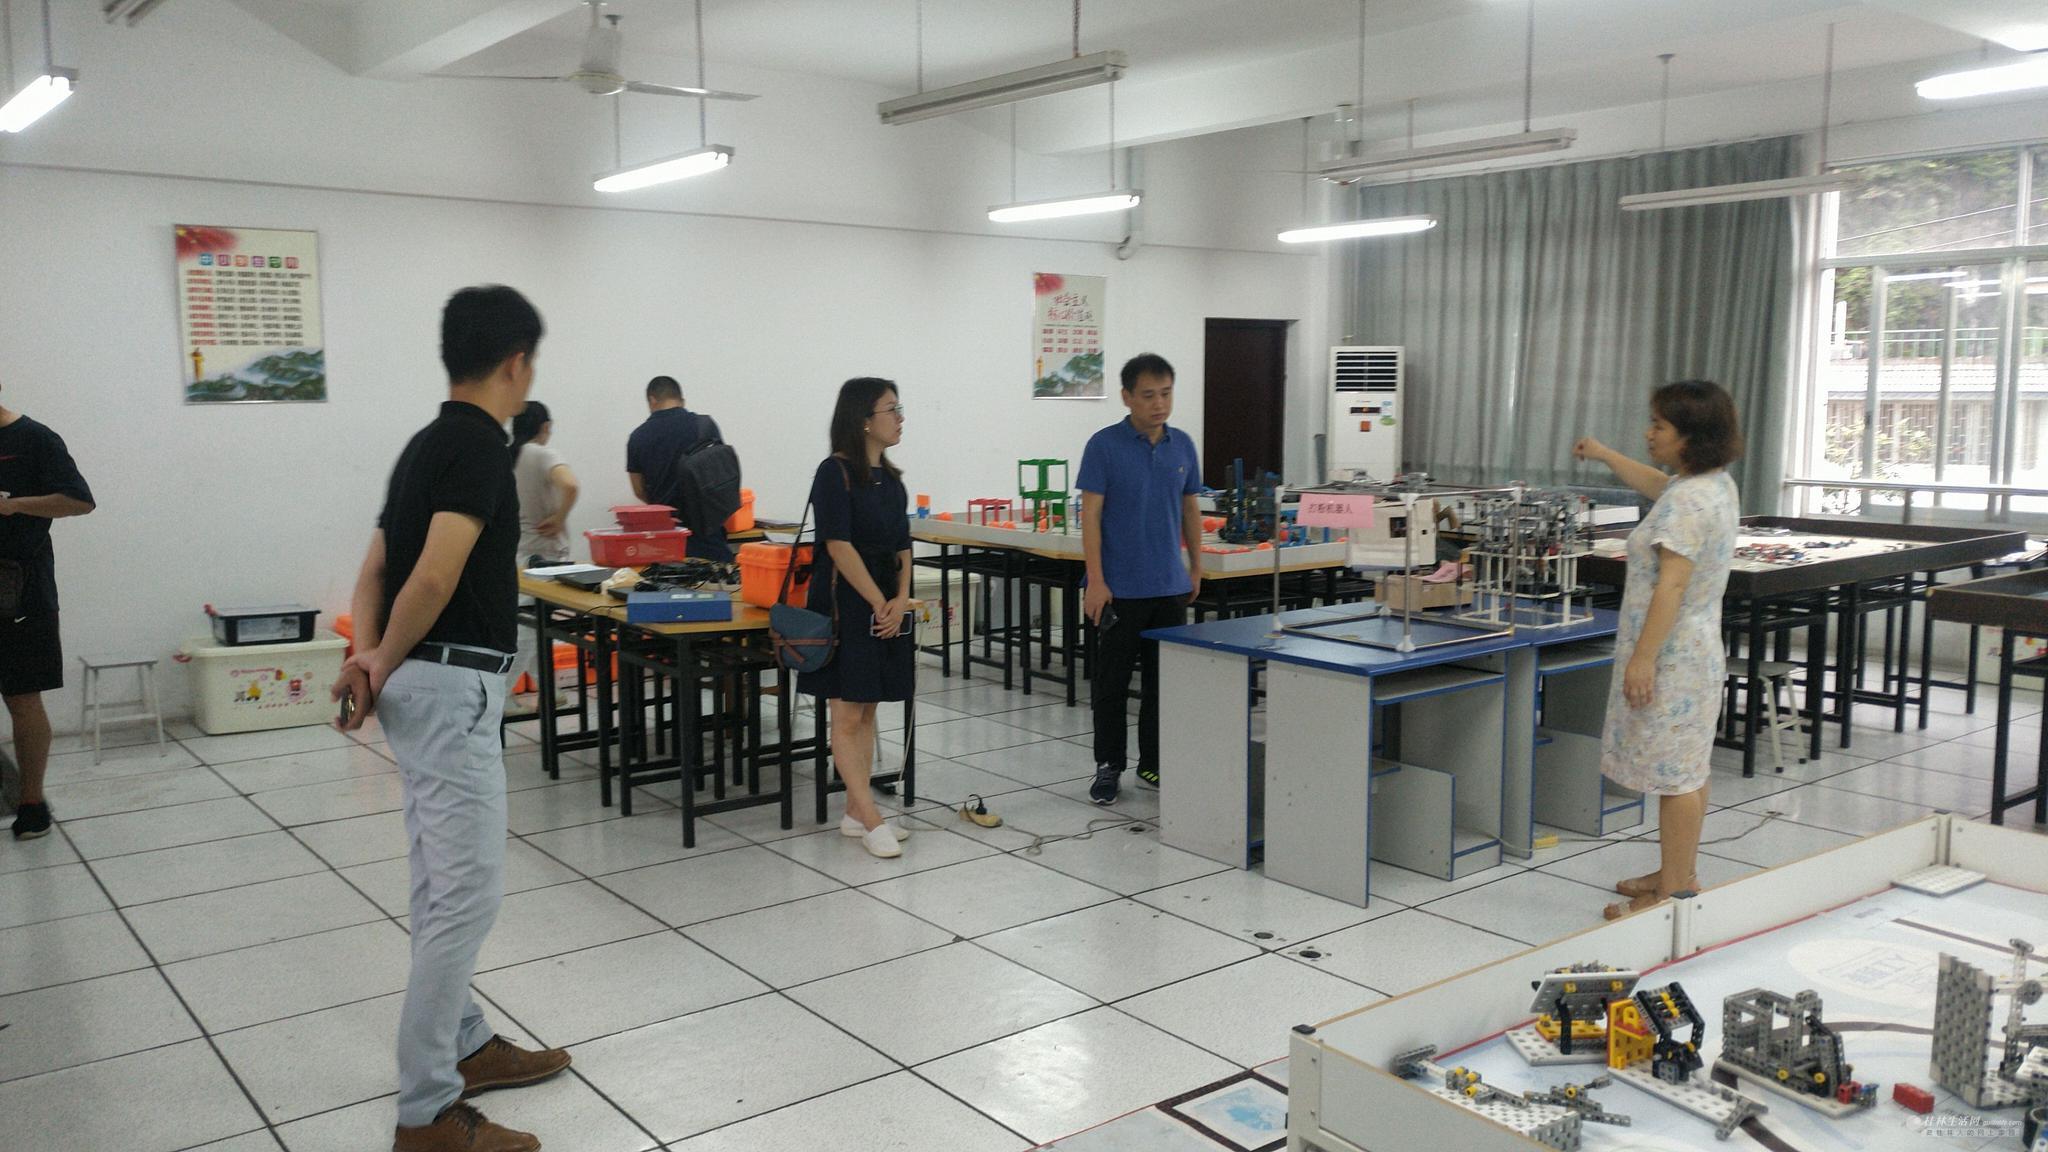 桂林市电教站领导督导检查桂林市第十四中学创客工作室